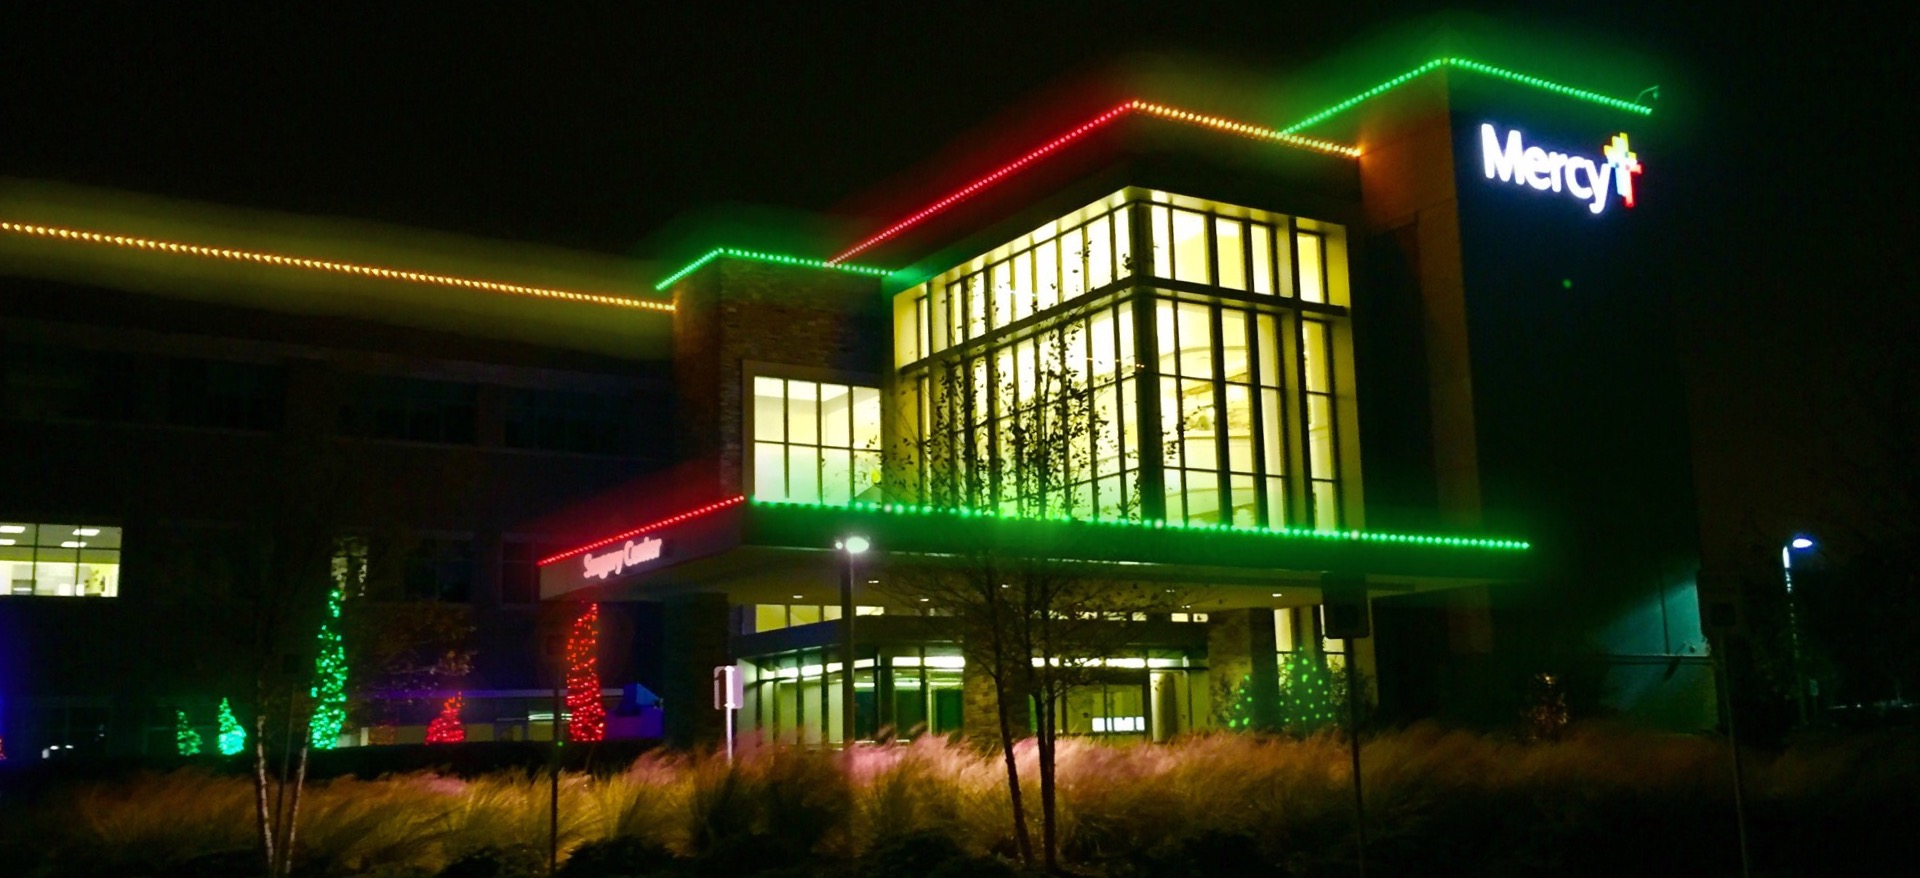 gallery okchristmaslights com